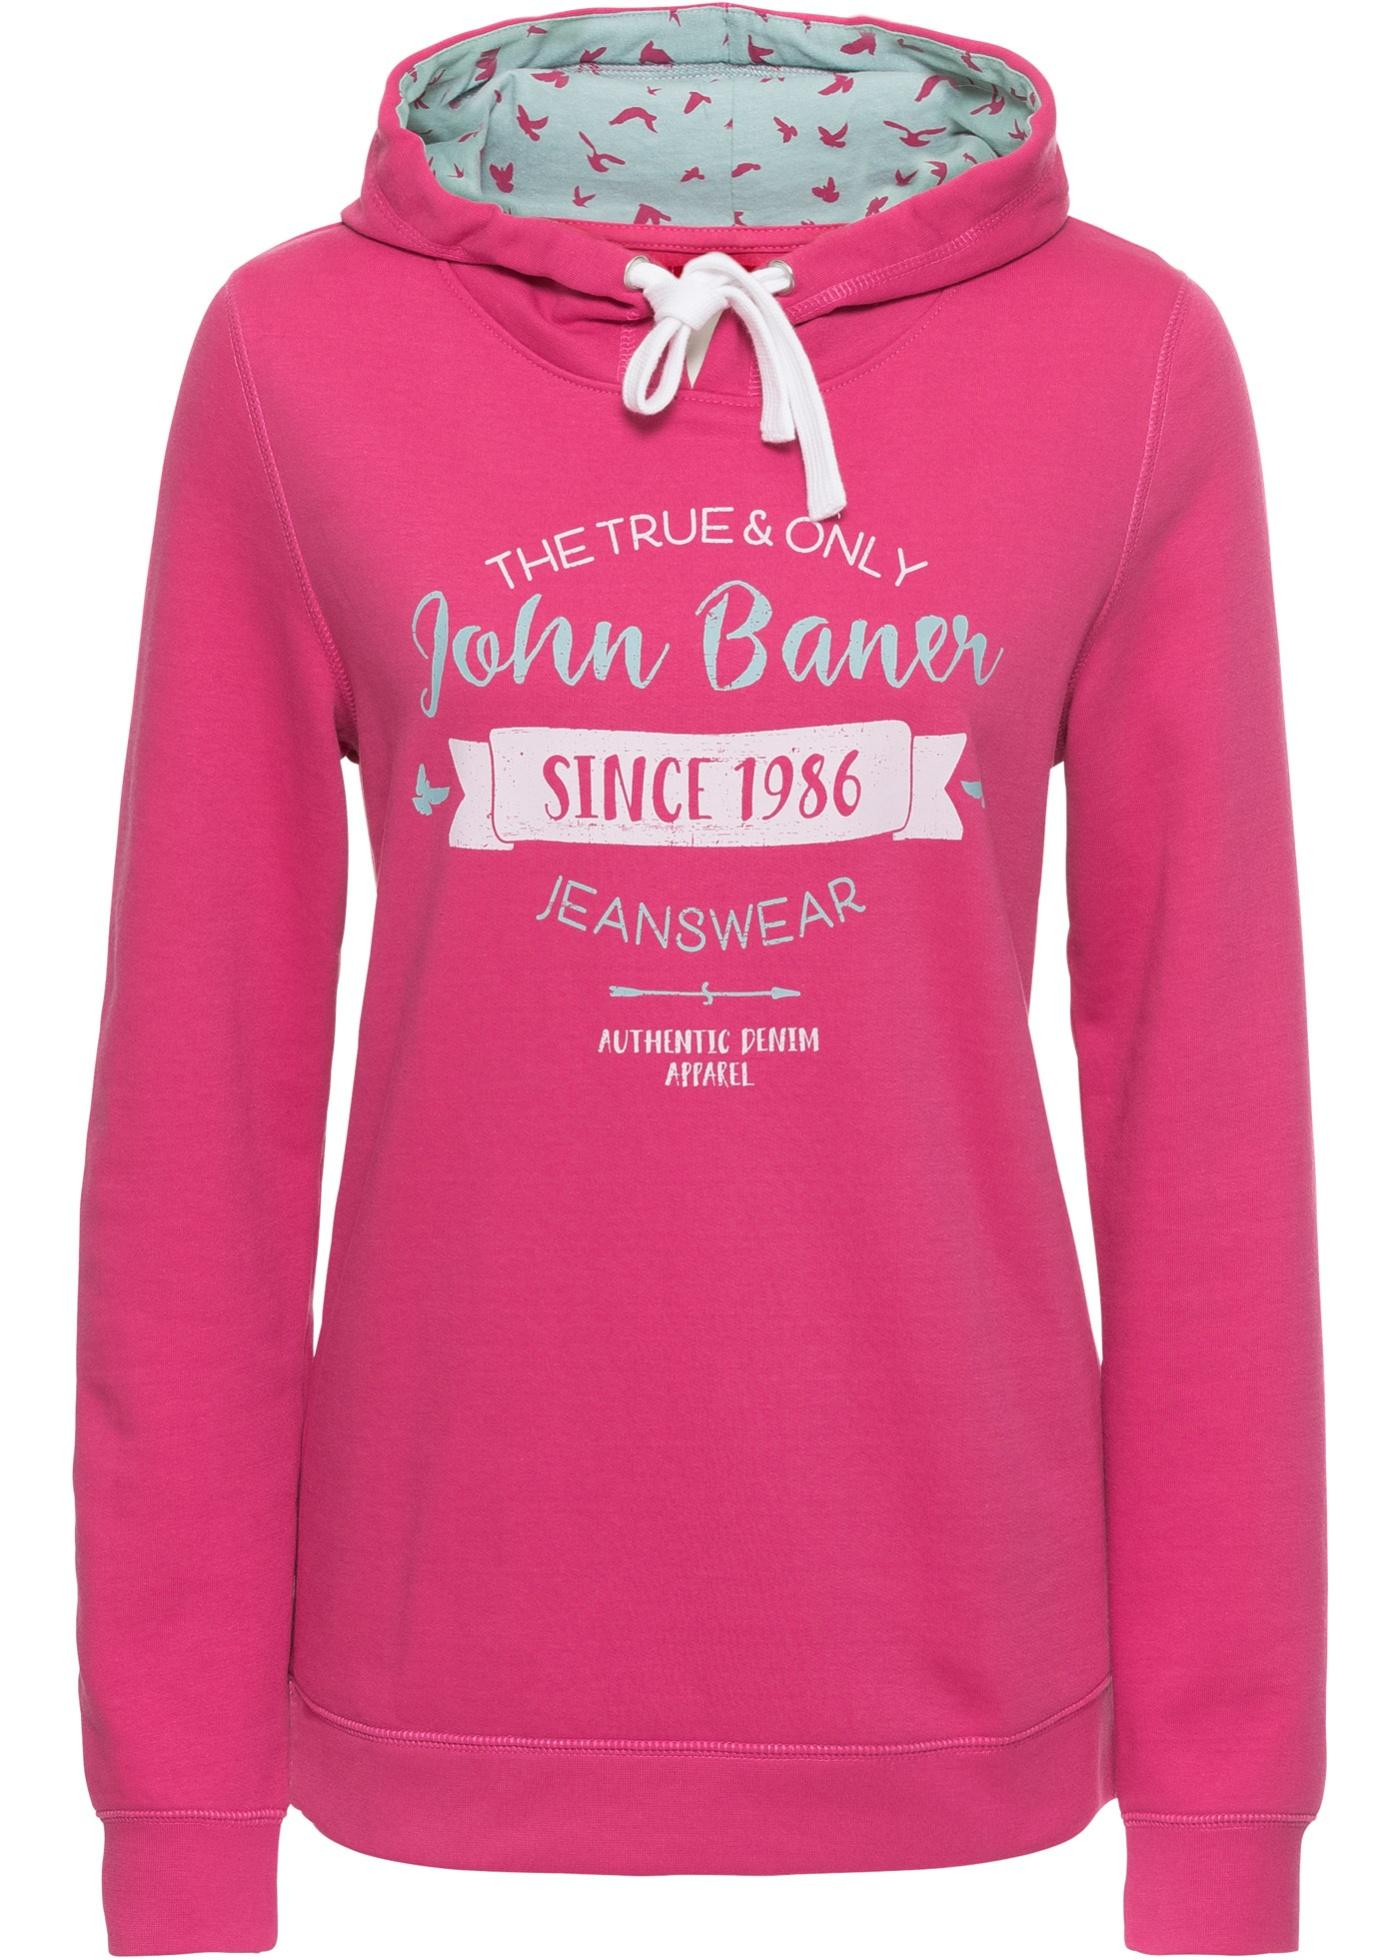 Shirt Baner Longues Sweat Pour Manches John Femme Fuchsia Capuche Jeanswear À Imprimé Bonprix 1Ix1dRqwz